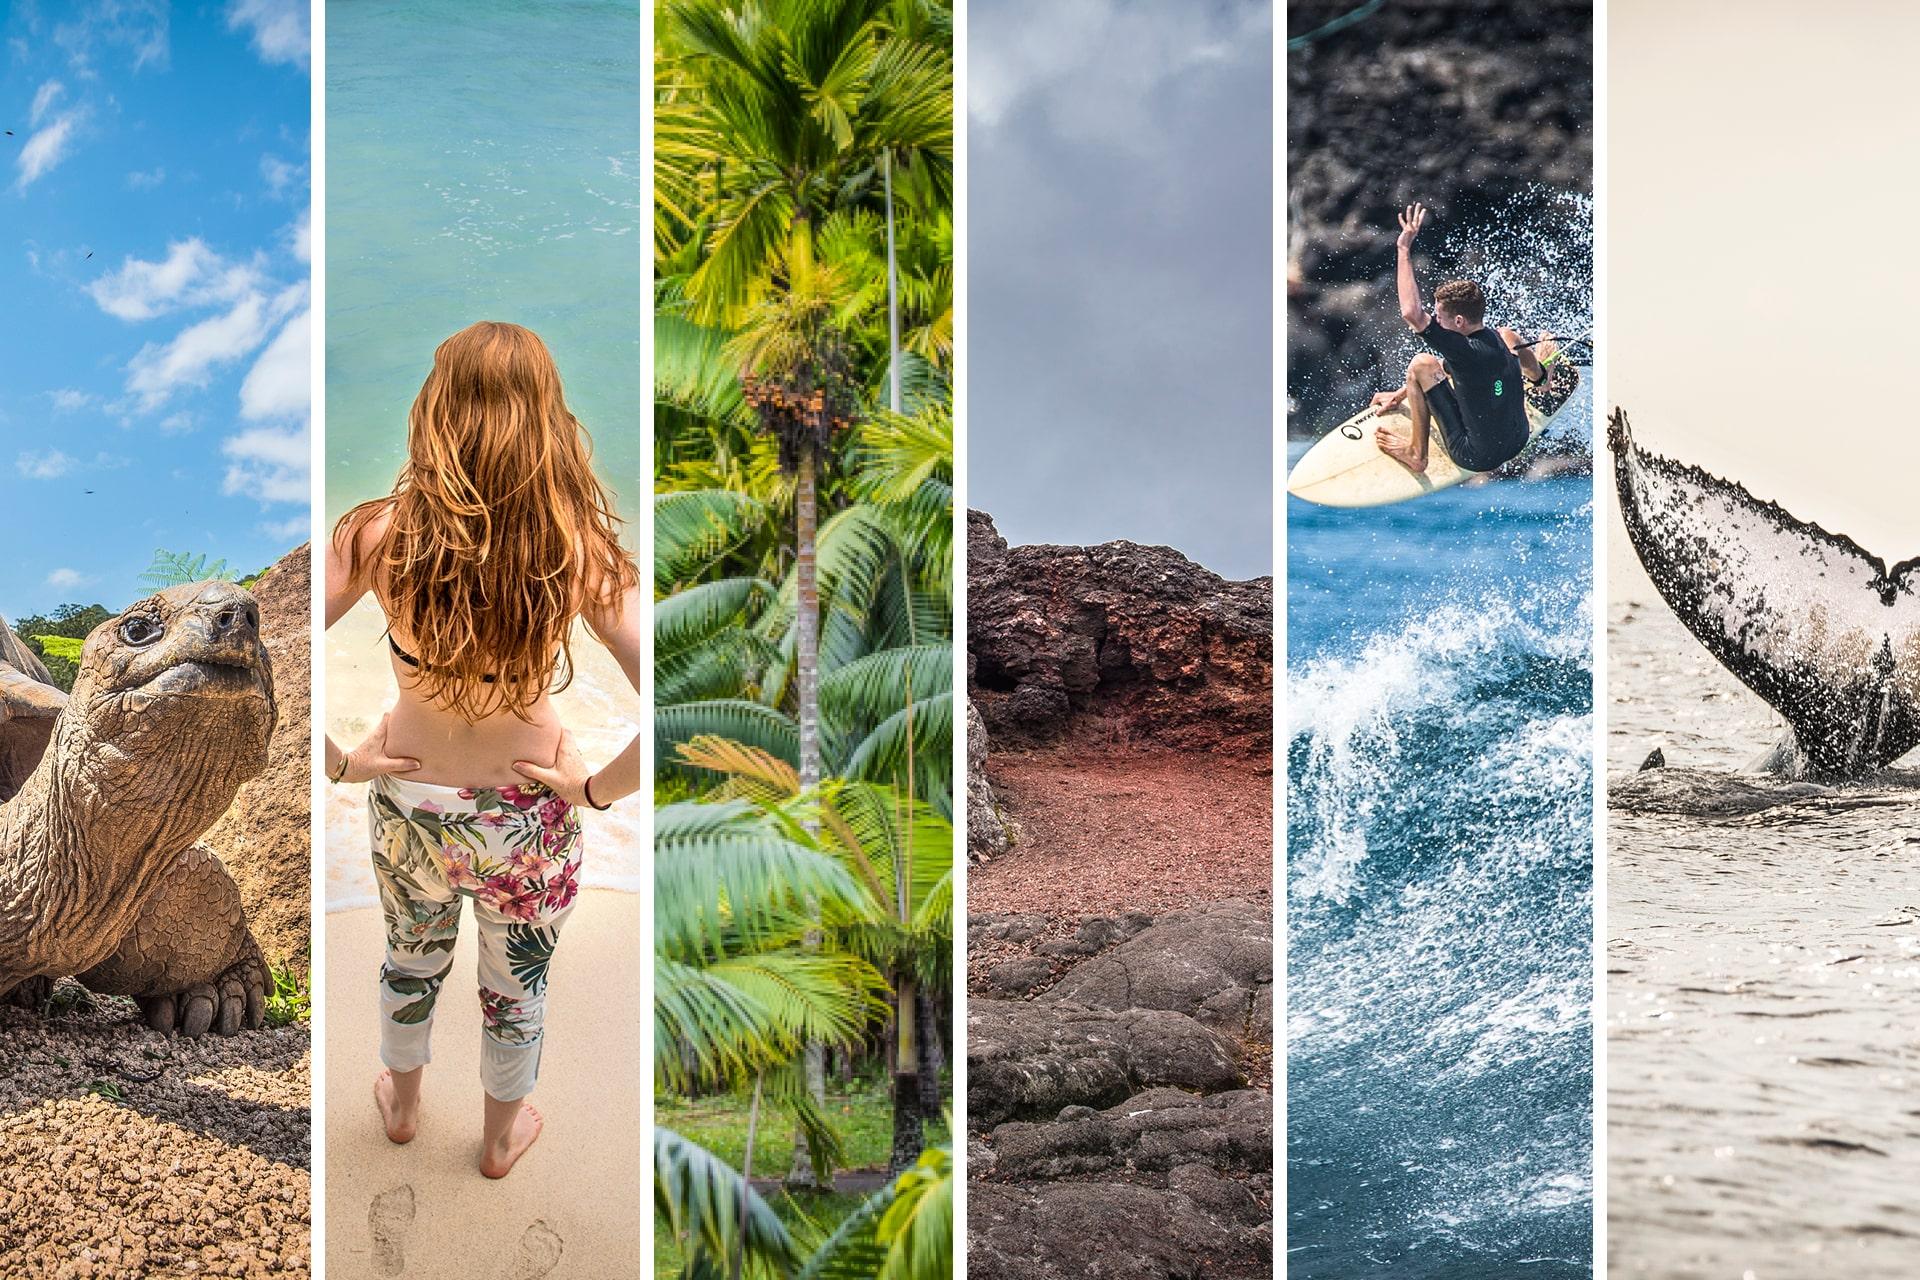 Le duo de choc ! L'île Maurice et l'île de la Réunion - Suivre sa Joie - Saskia Parein